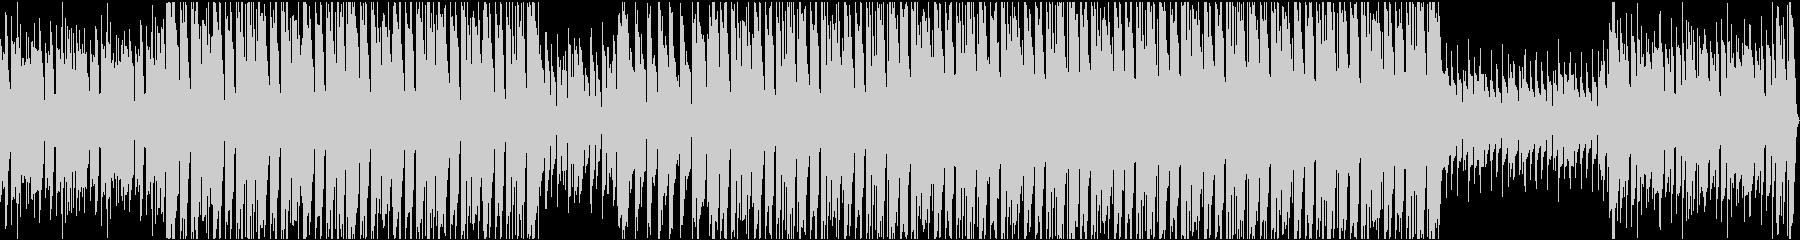 【ループ対応】ゴキゲンでノリノリなSwiの未再生の波形